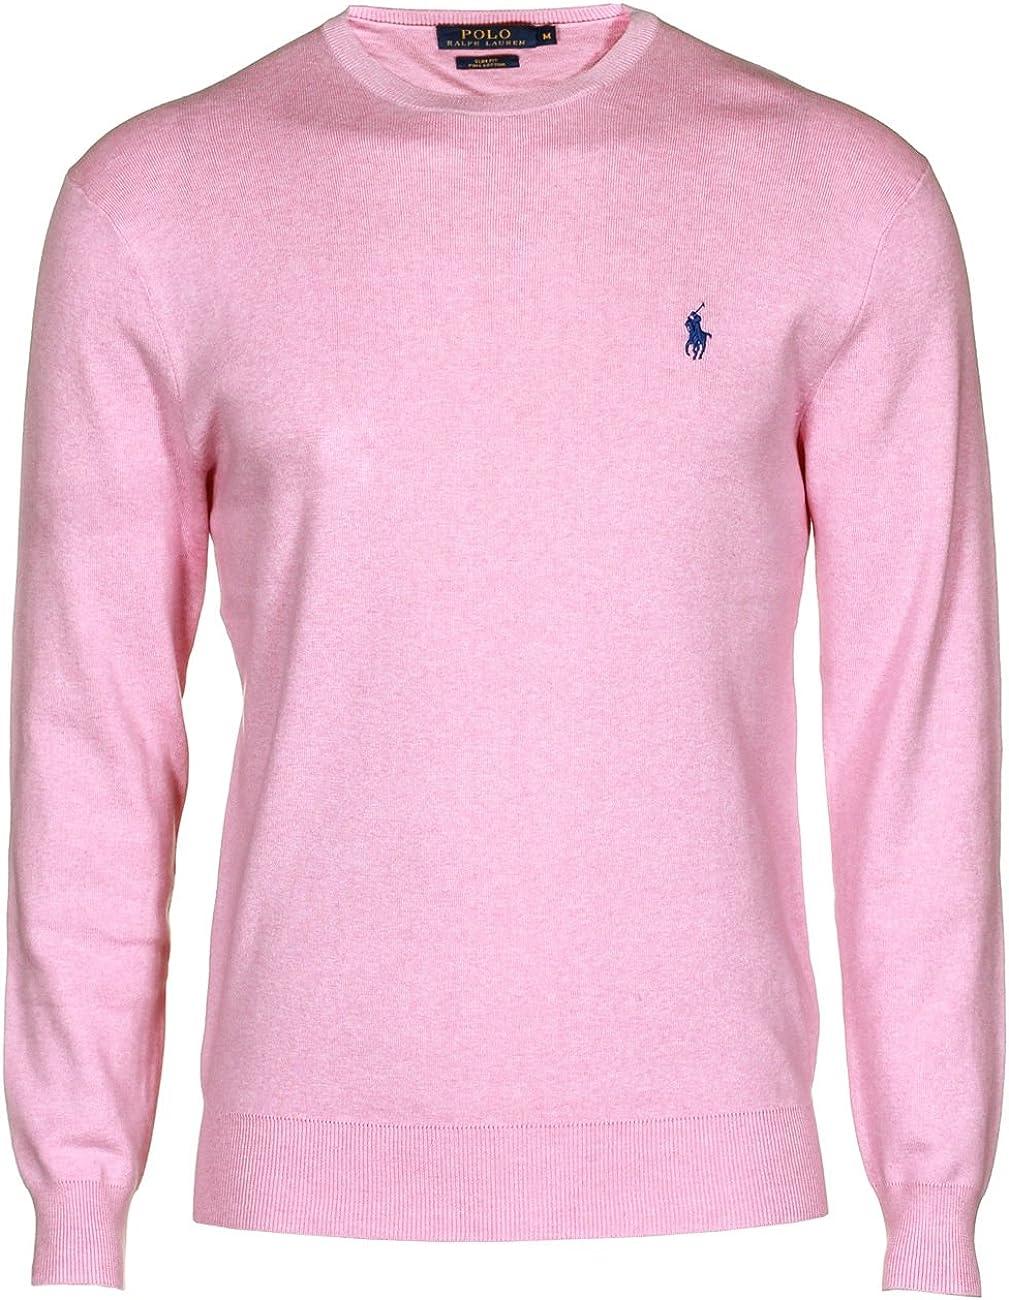 Polo Ralph Lauren cuello redondo de punto algodón Pima rosa ...